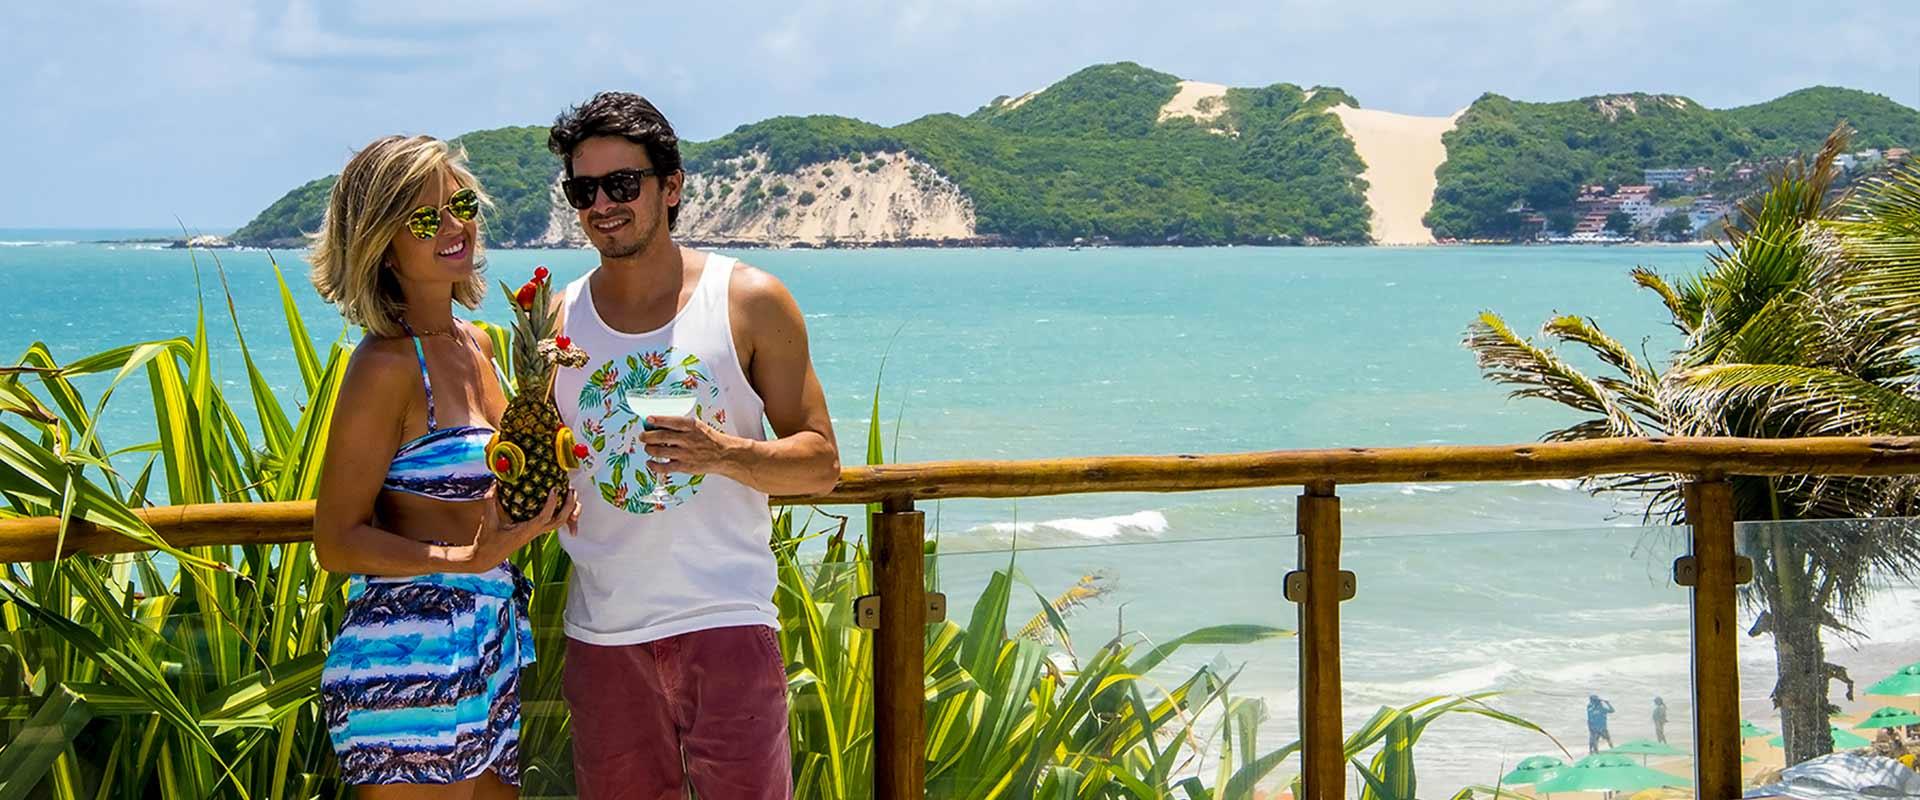 slider-homepage-rifoles-praia-hotel-vista-morro-do-careca